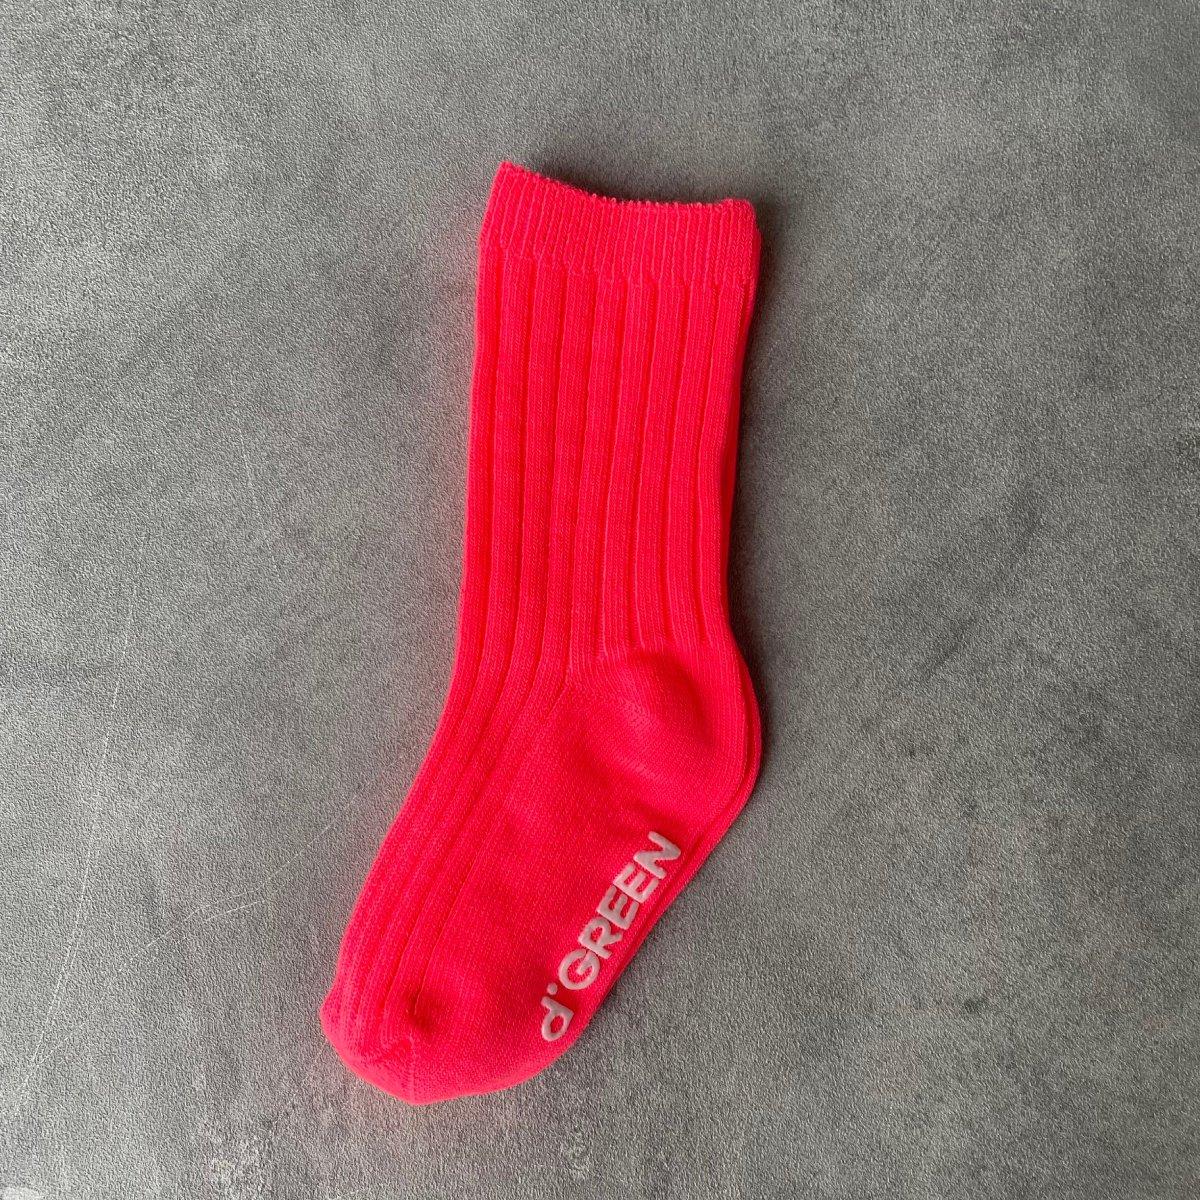 【KIDS】Neon Socks 詳細画像11